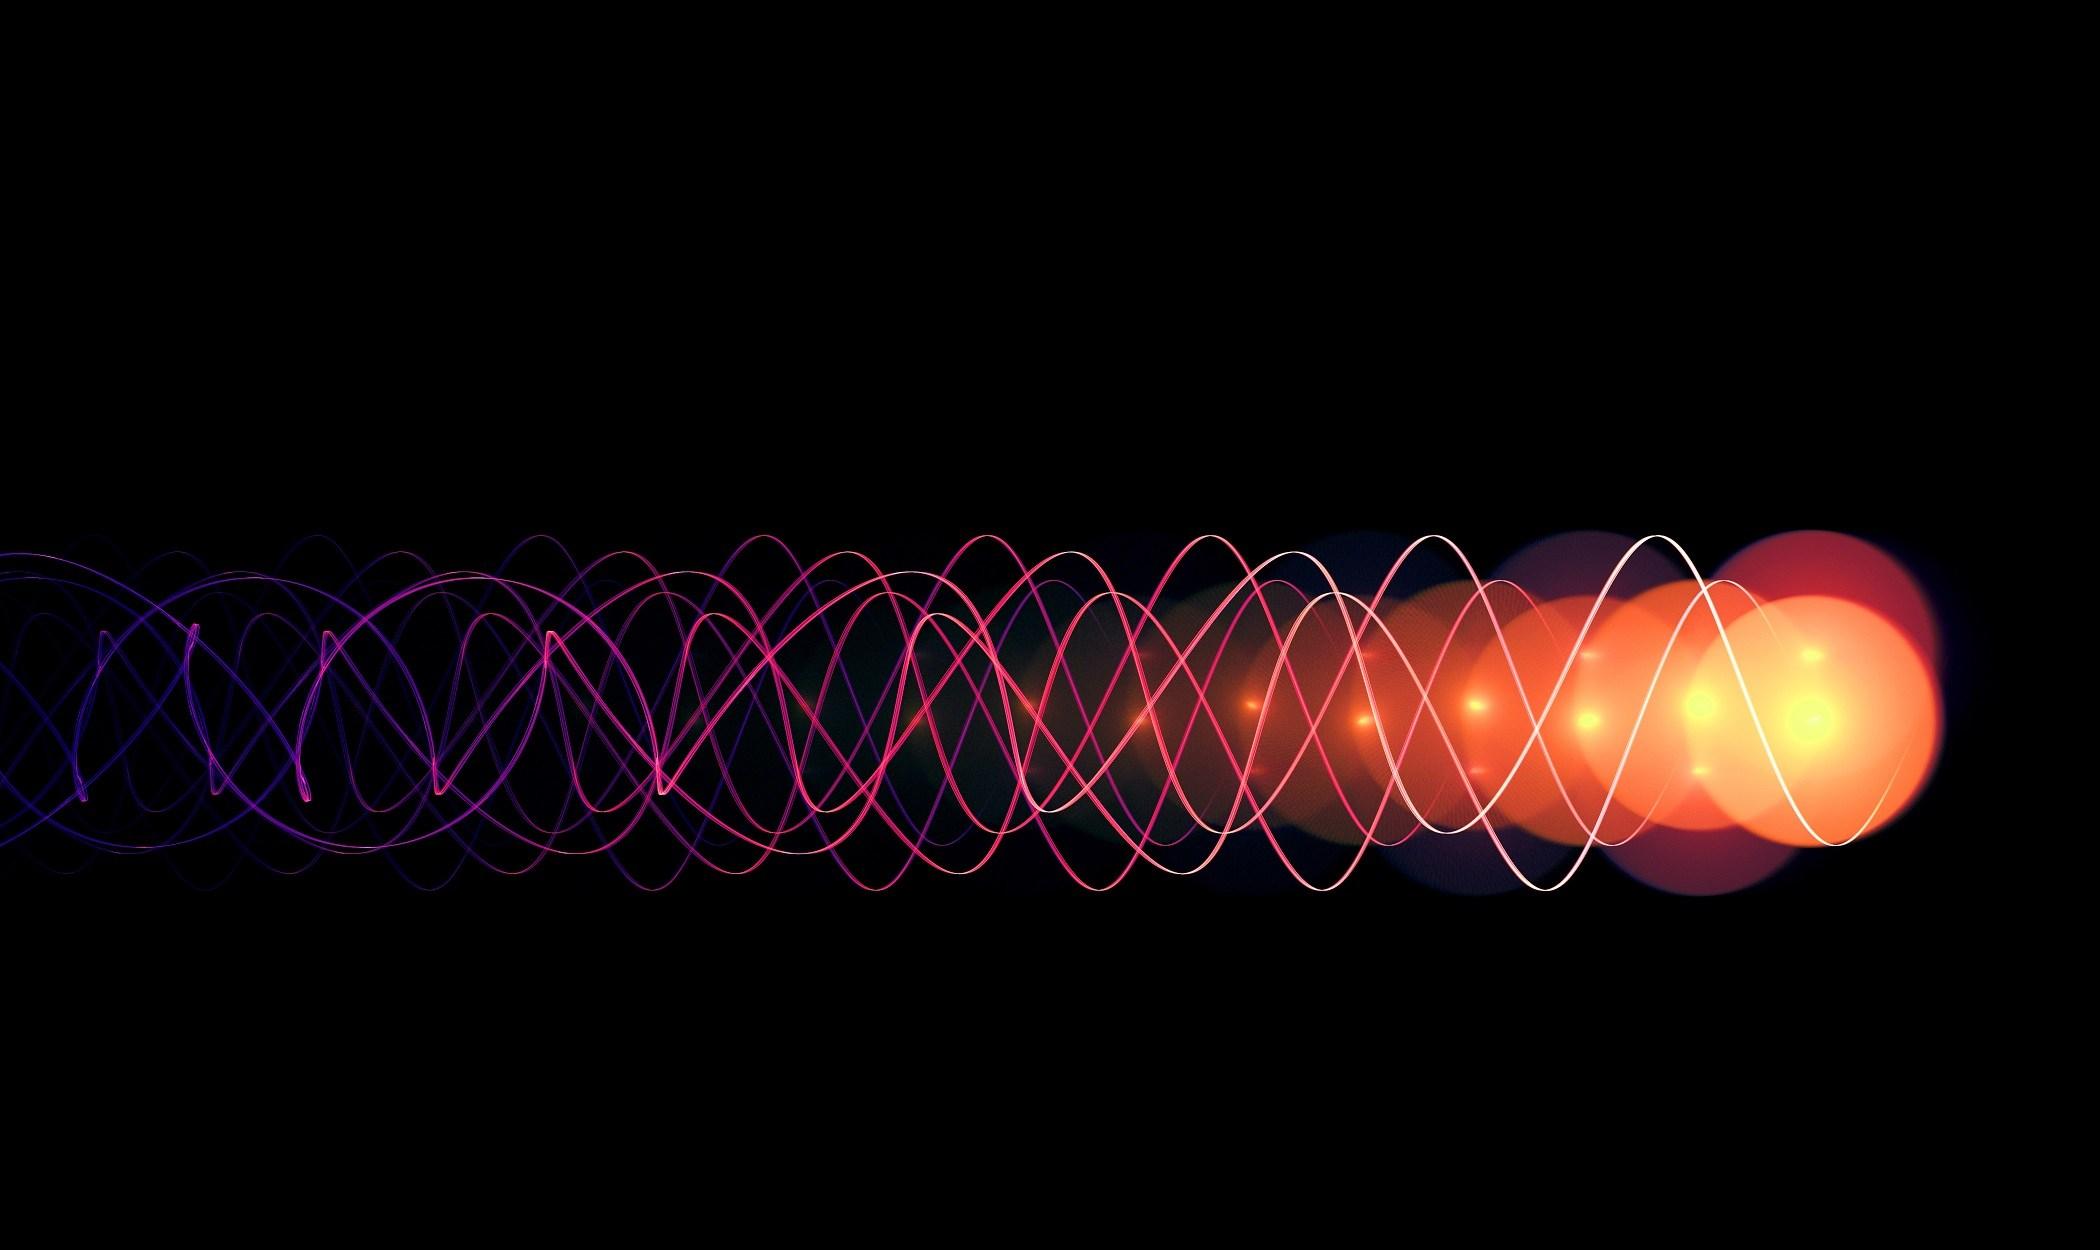 Un seul photon pour coder de manière inviolable l'information